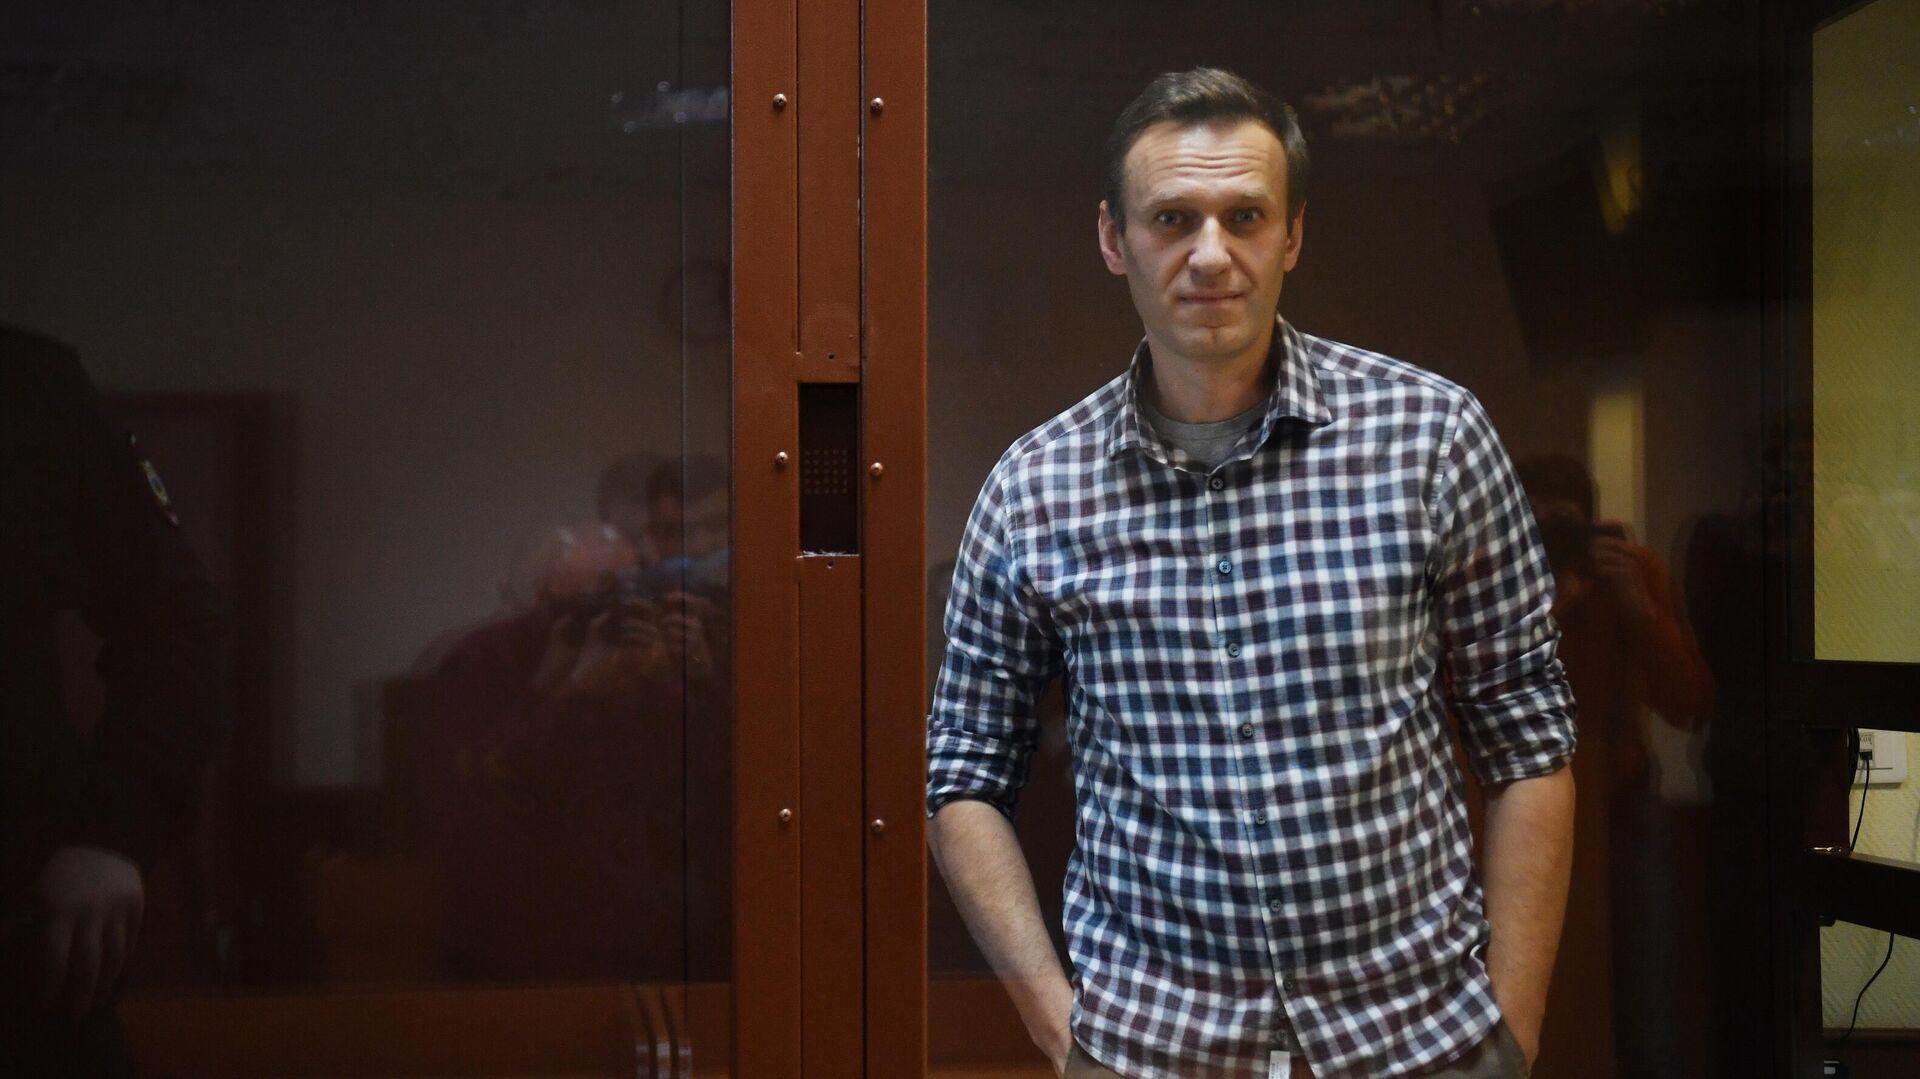 Алексей Навальный в зале Бабушкинского районного суда - РИА Новости, 1920, 07.10.2021